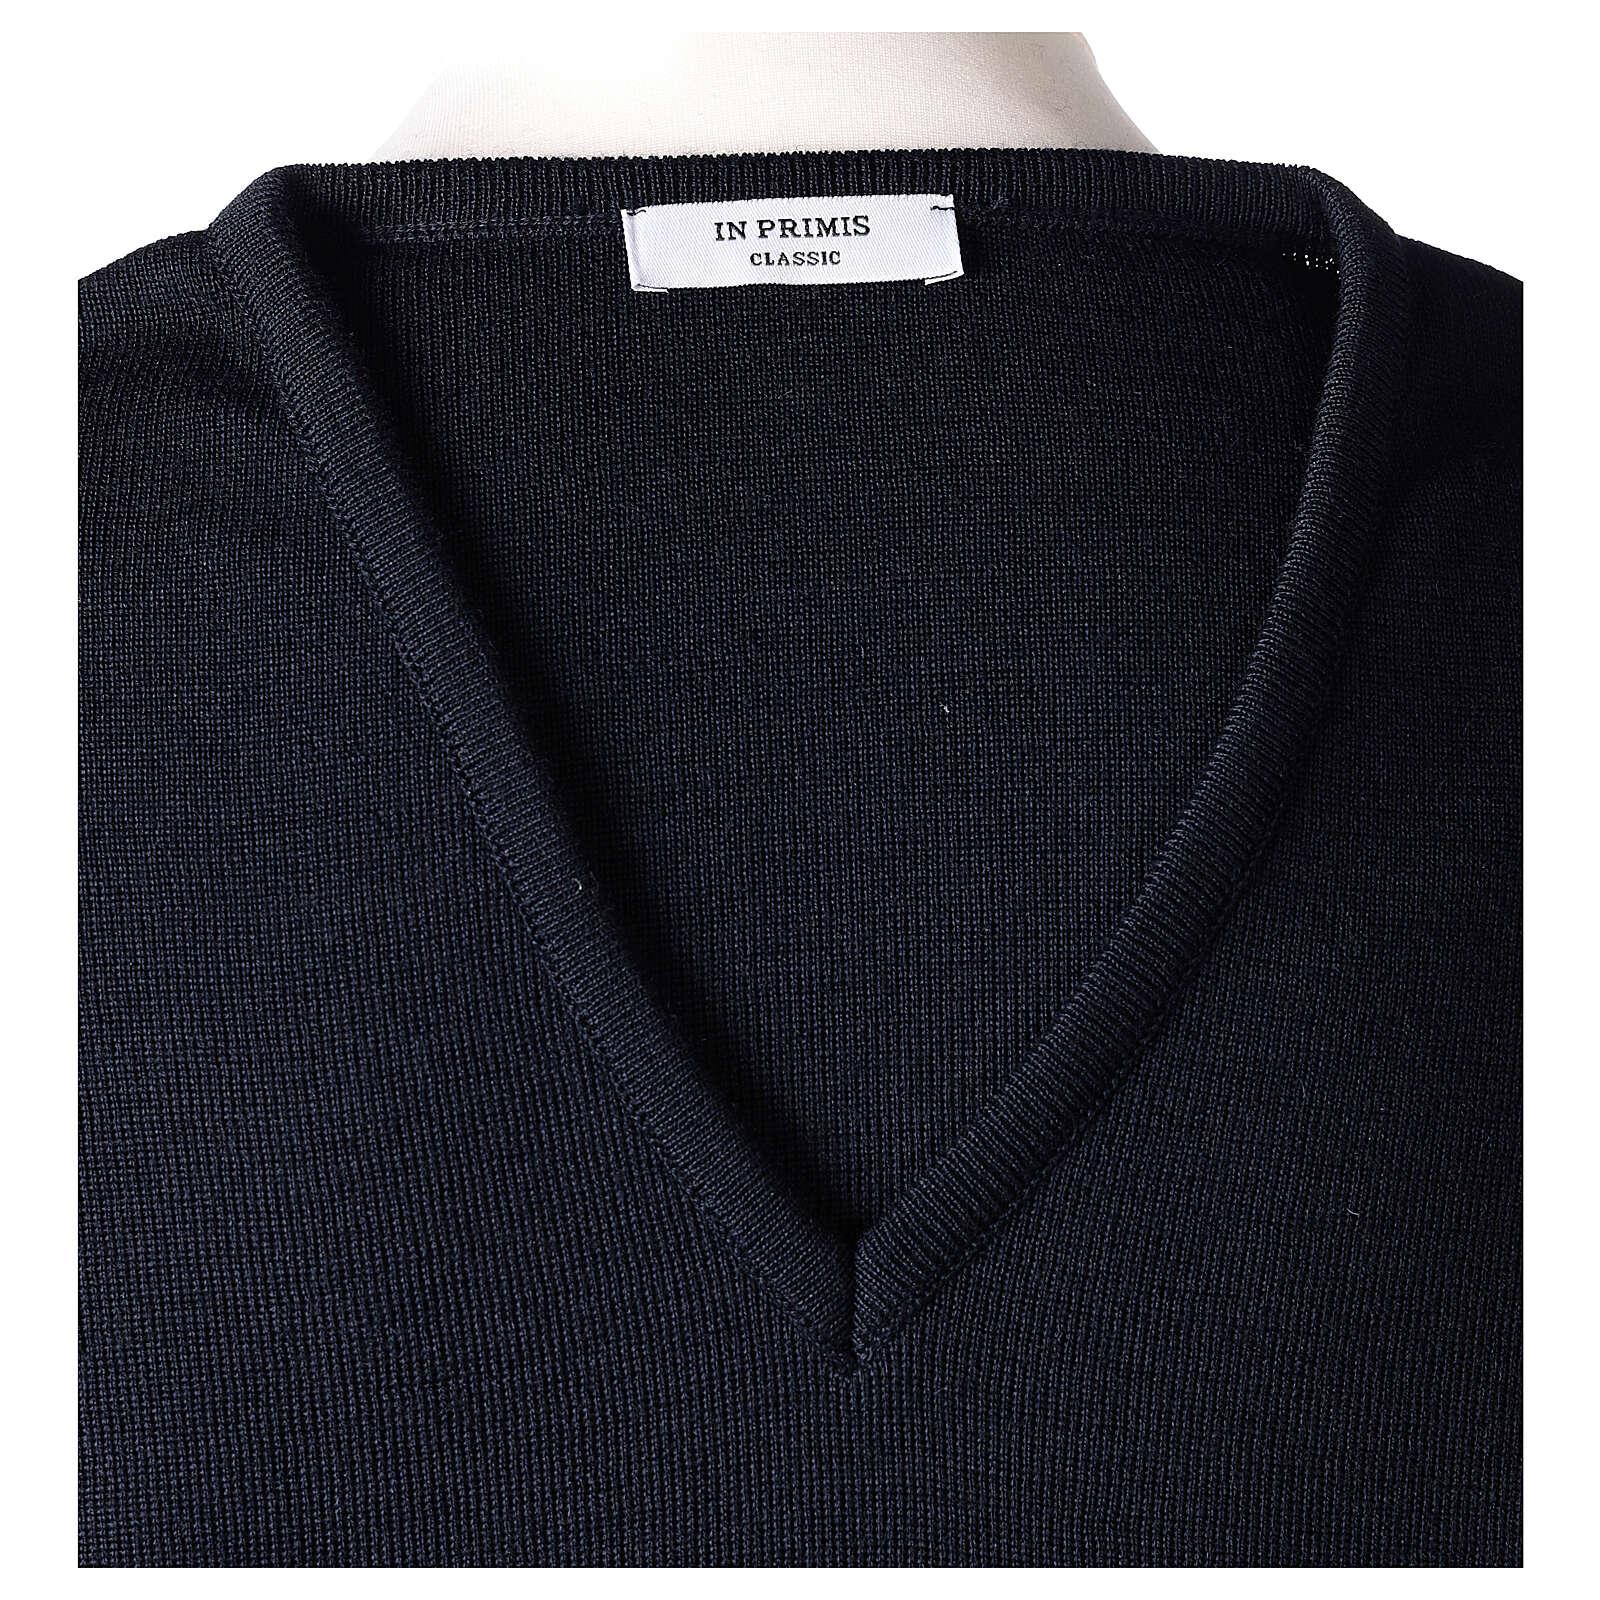 Pulôver sacerdote decote em V azul escuro tricô plano 50% lã de merino 50% acrílico In Primis 4